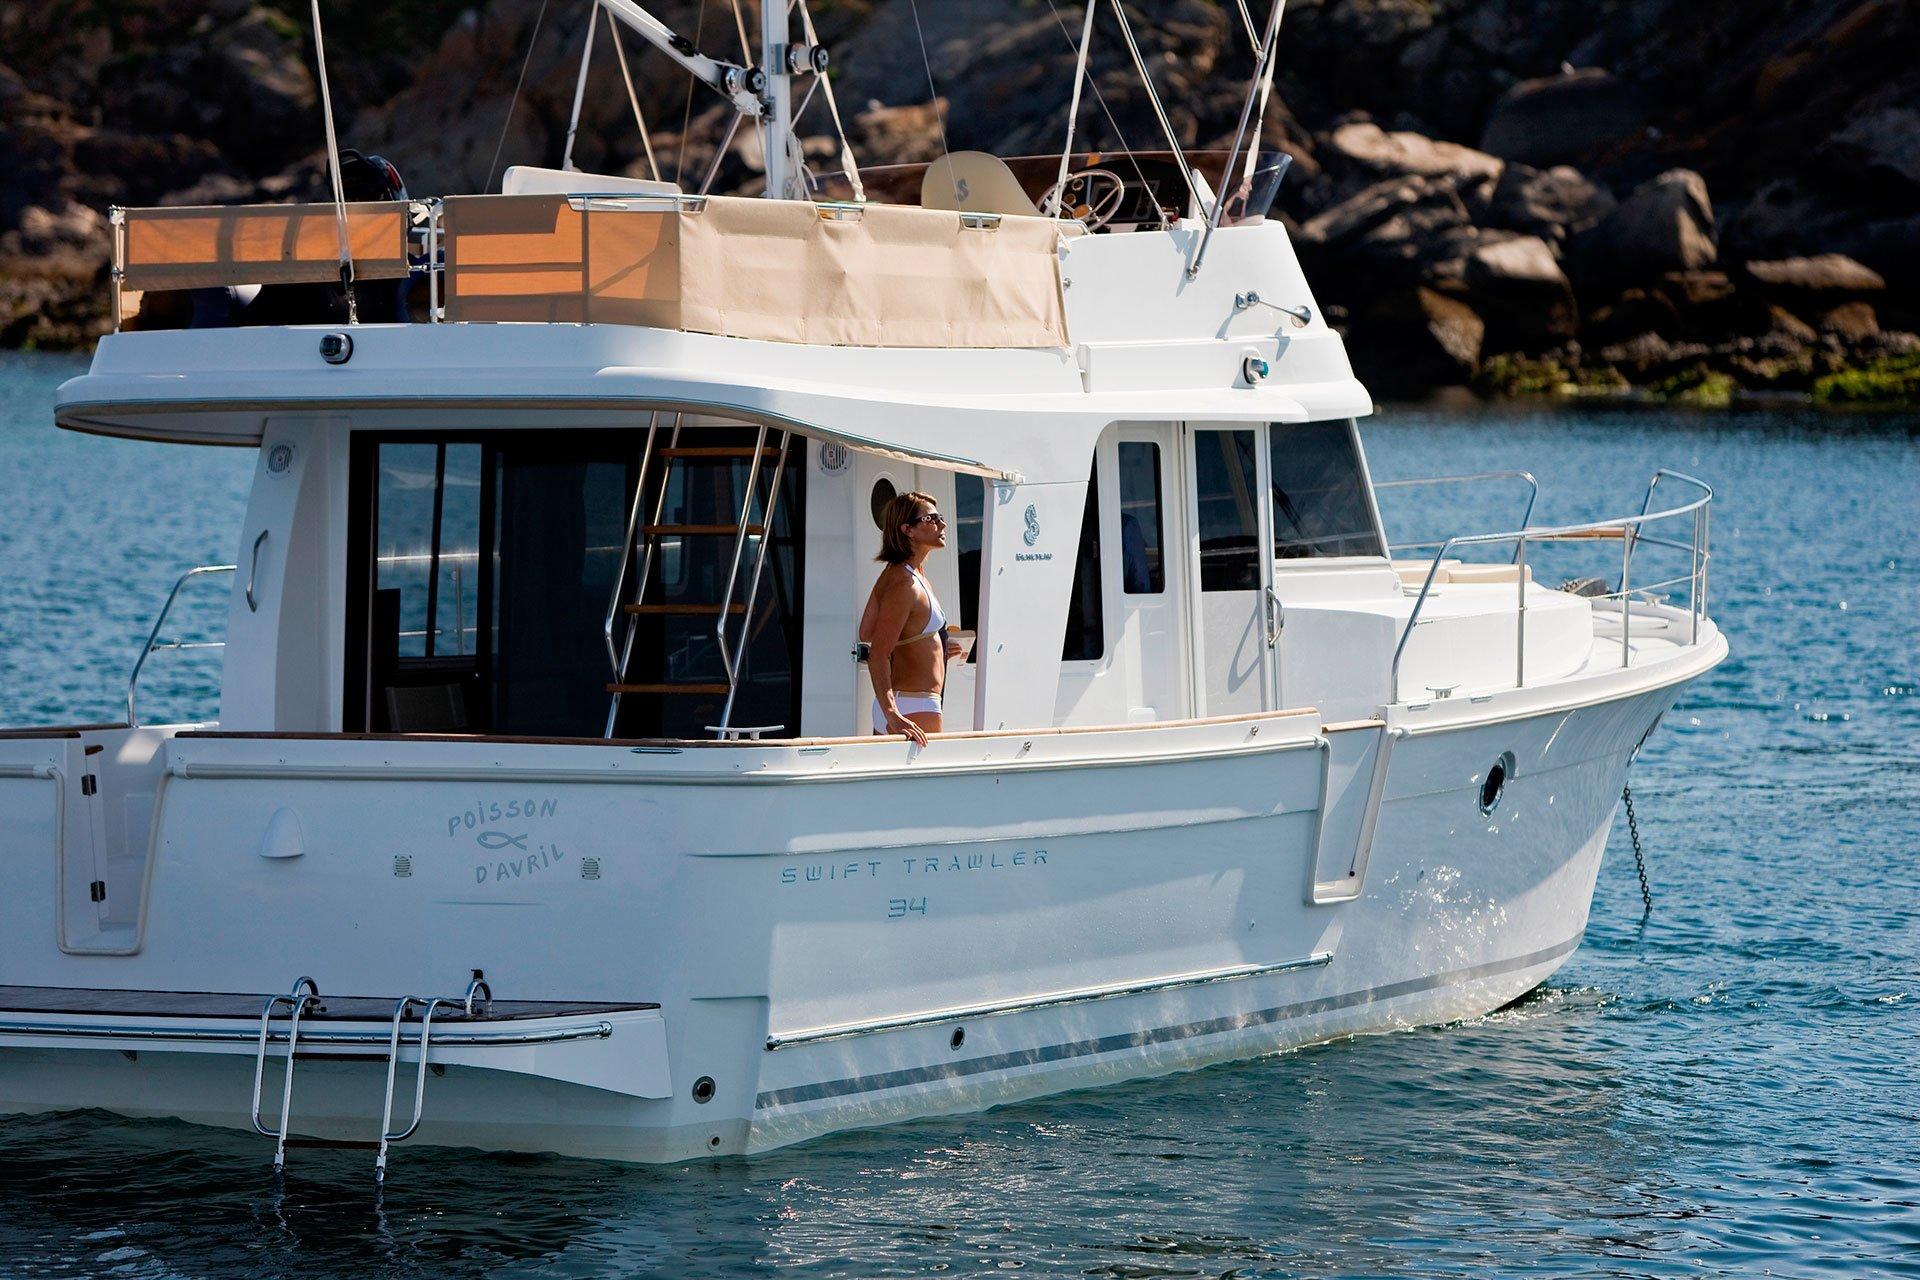 BENETEAU SWIFT TRAWLER 34 FLY Luxury Motor Yachts for Sale